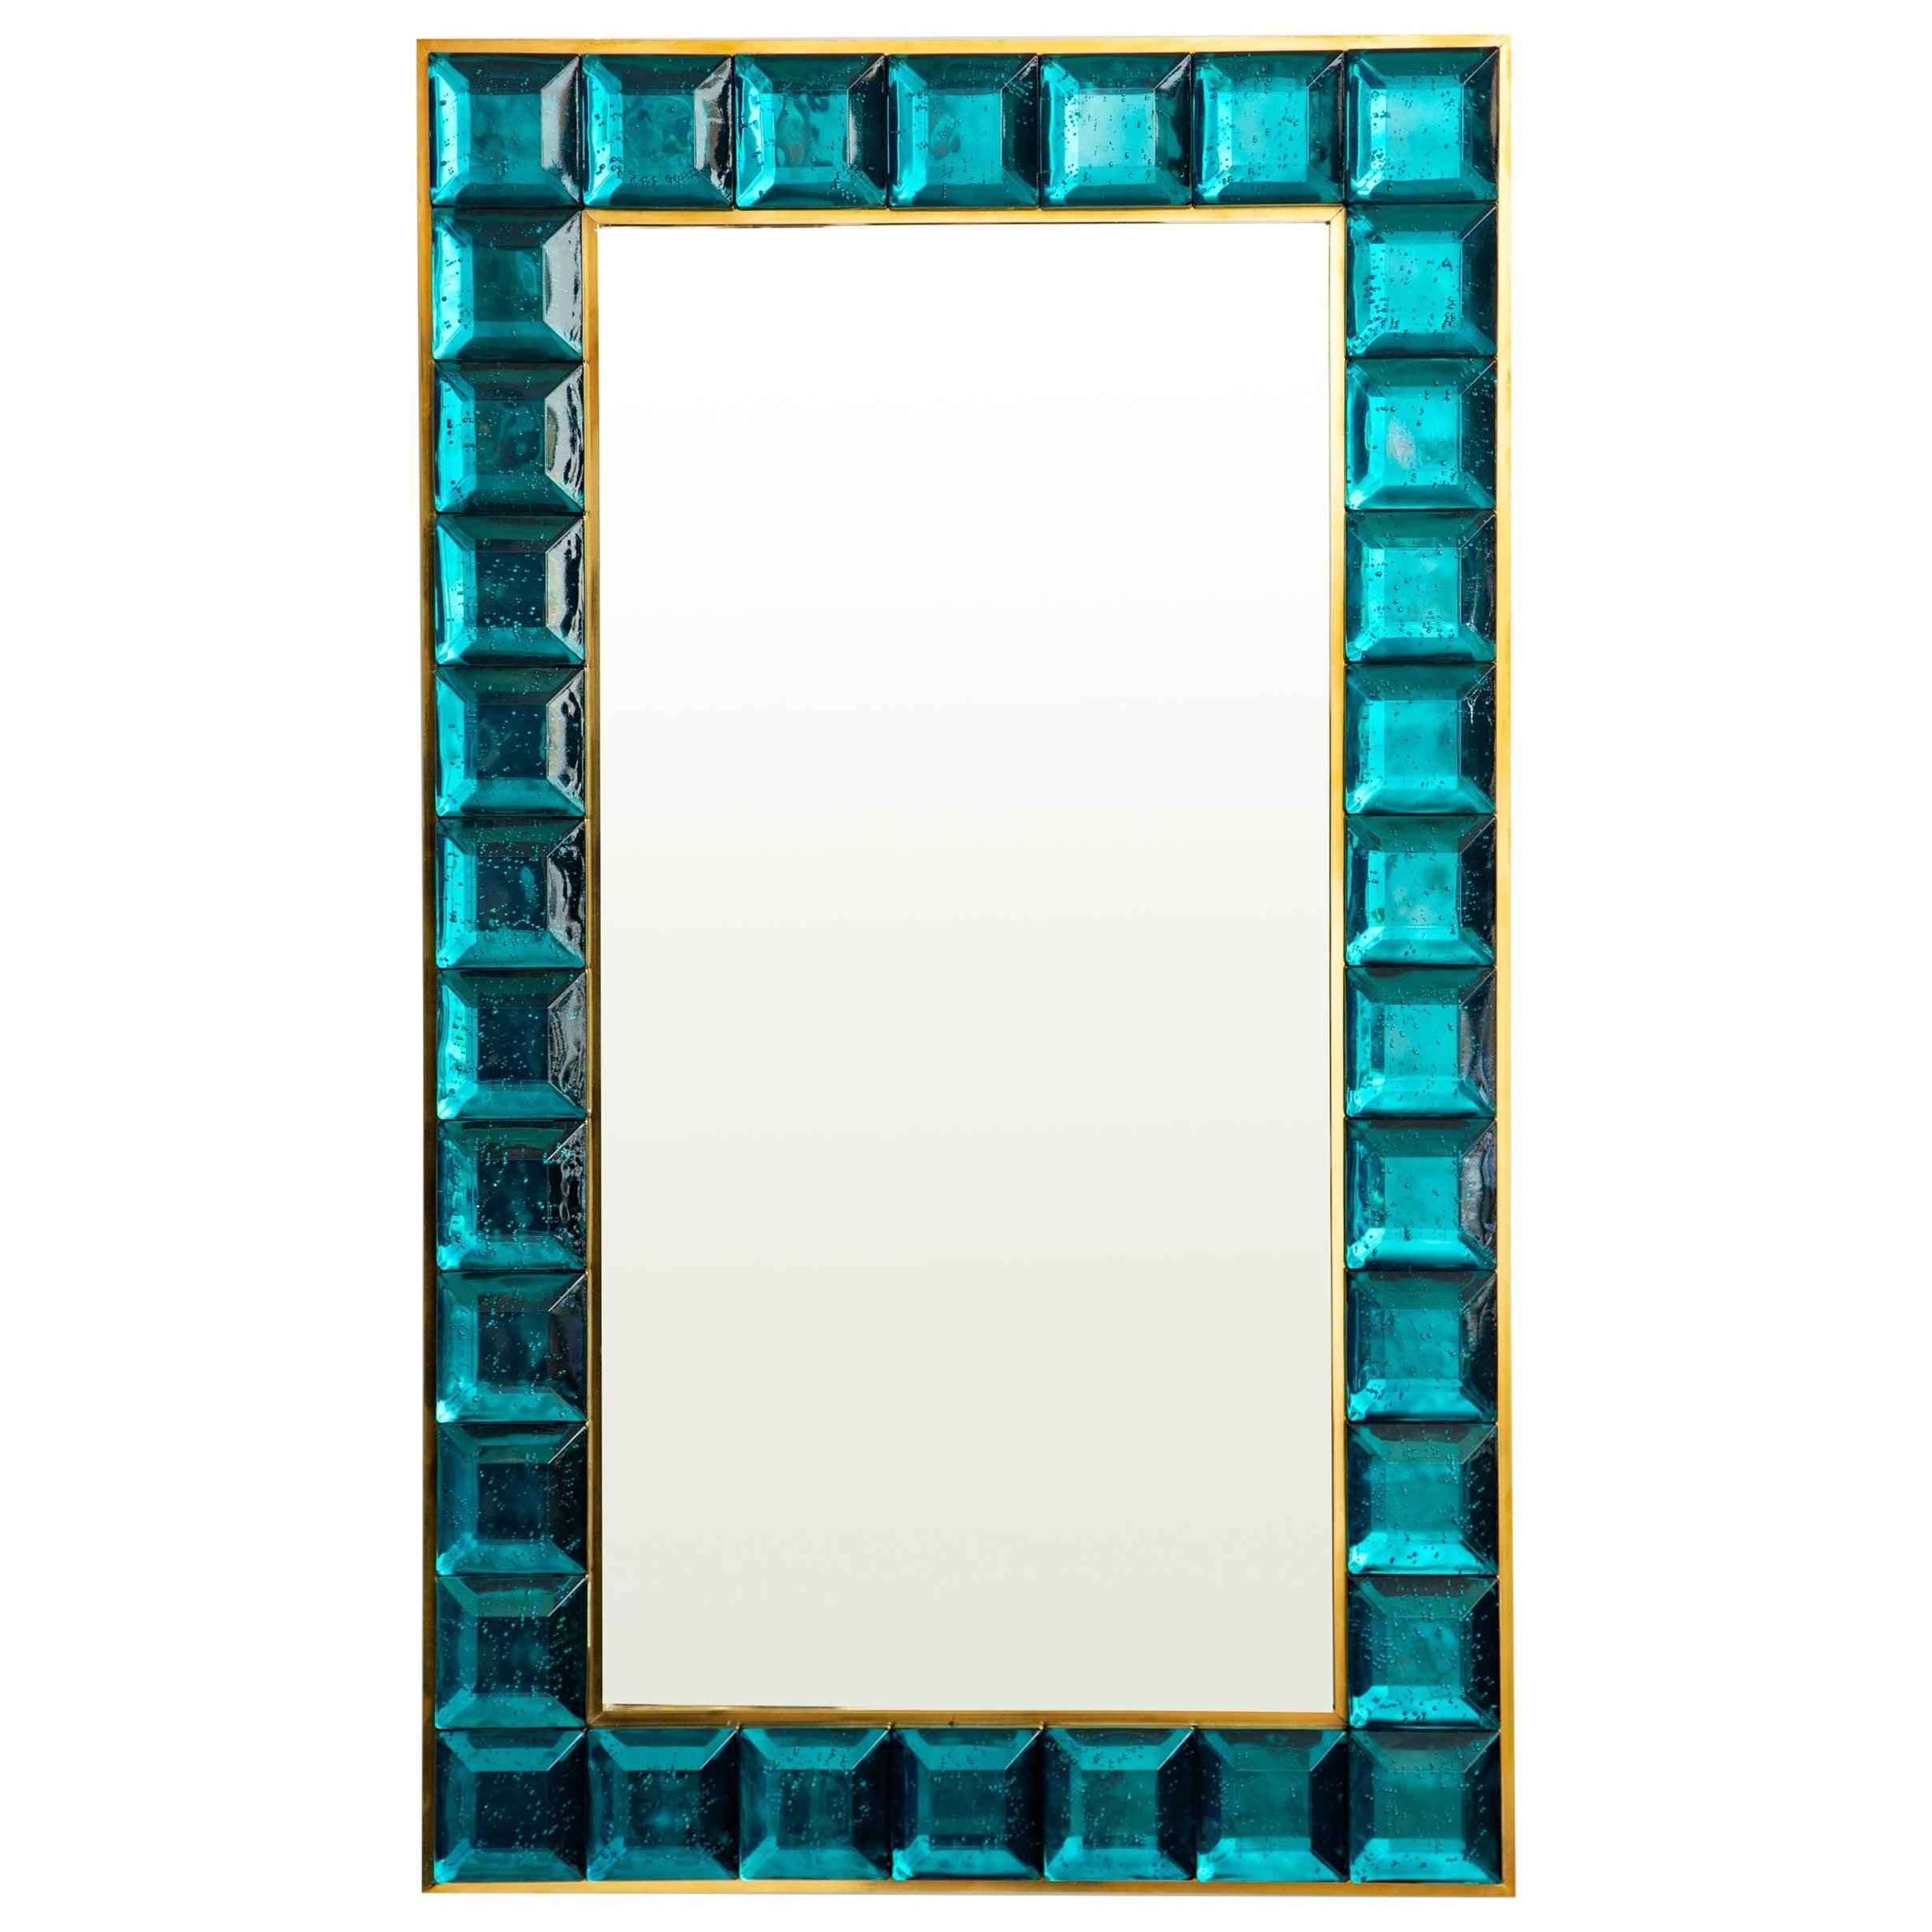 Contemporary Aqua Marine Diamond Murano Glass Mirror, in Stock